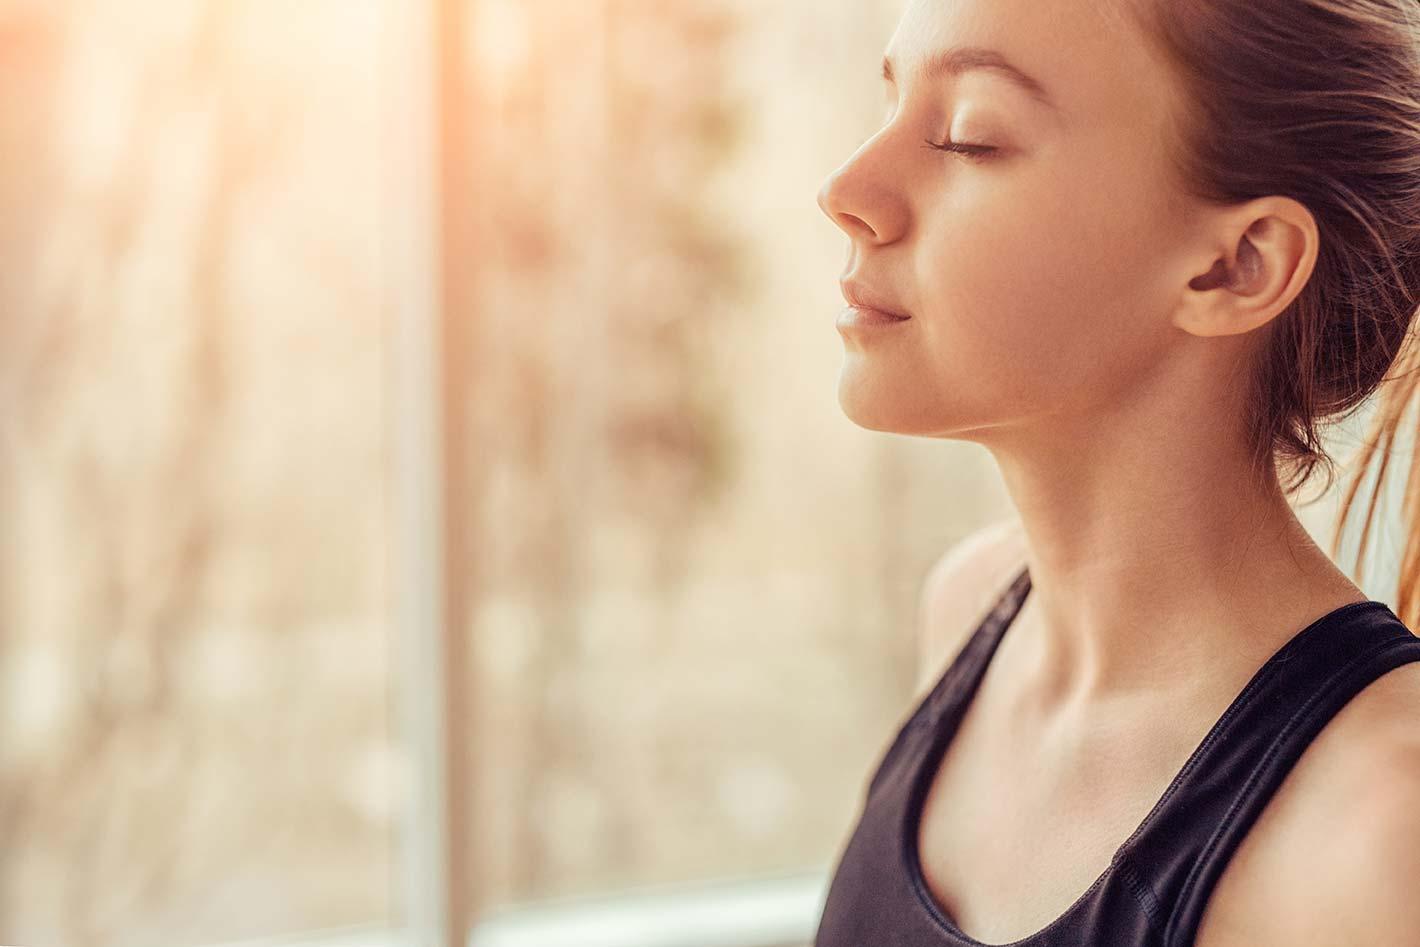 Como controlar a dor - dicas para reduzir dores sem a ajuda de remédios